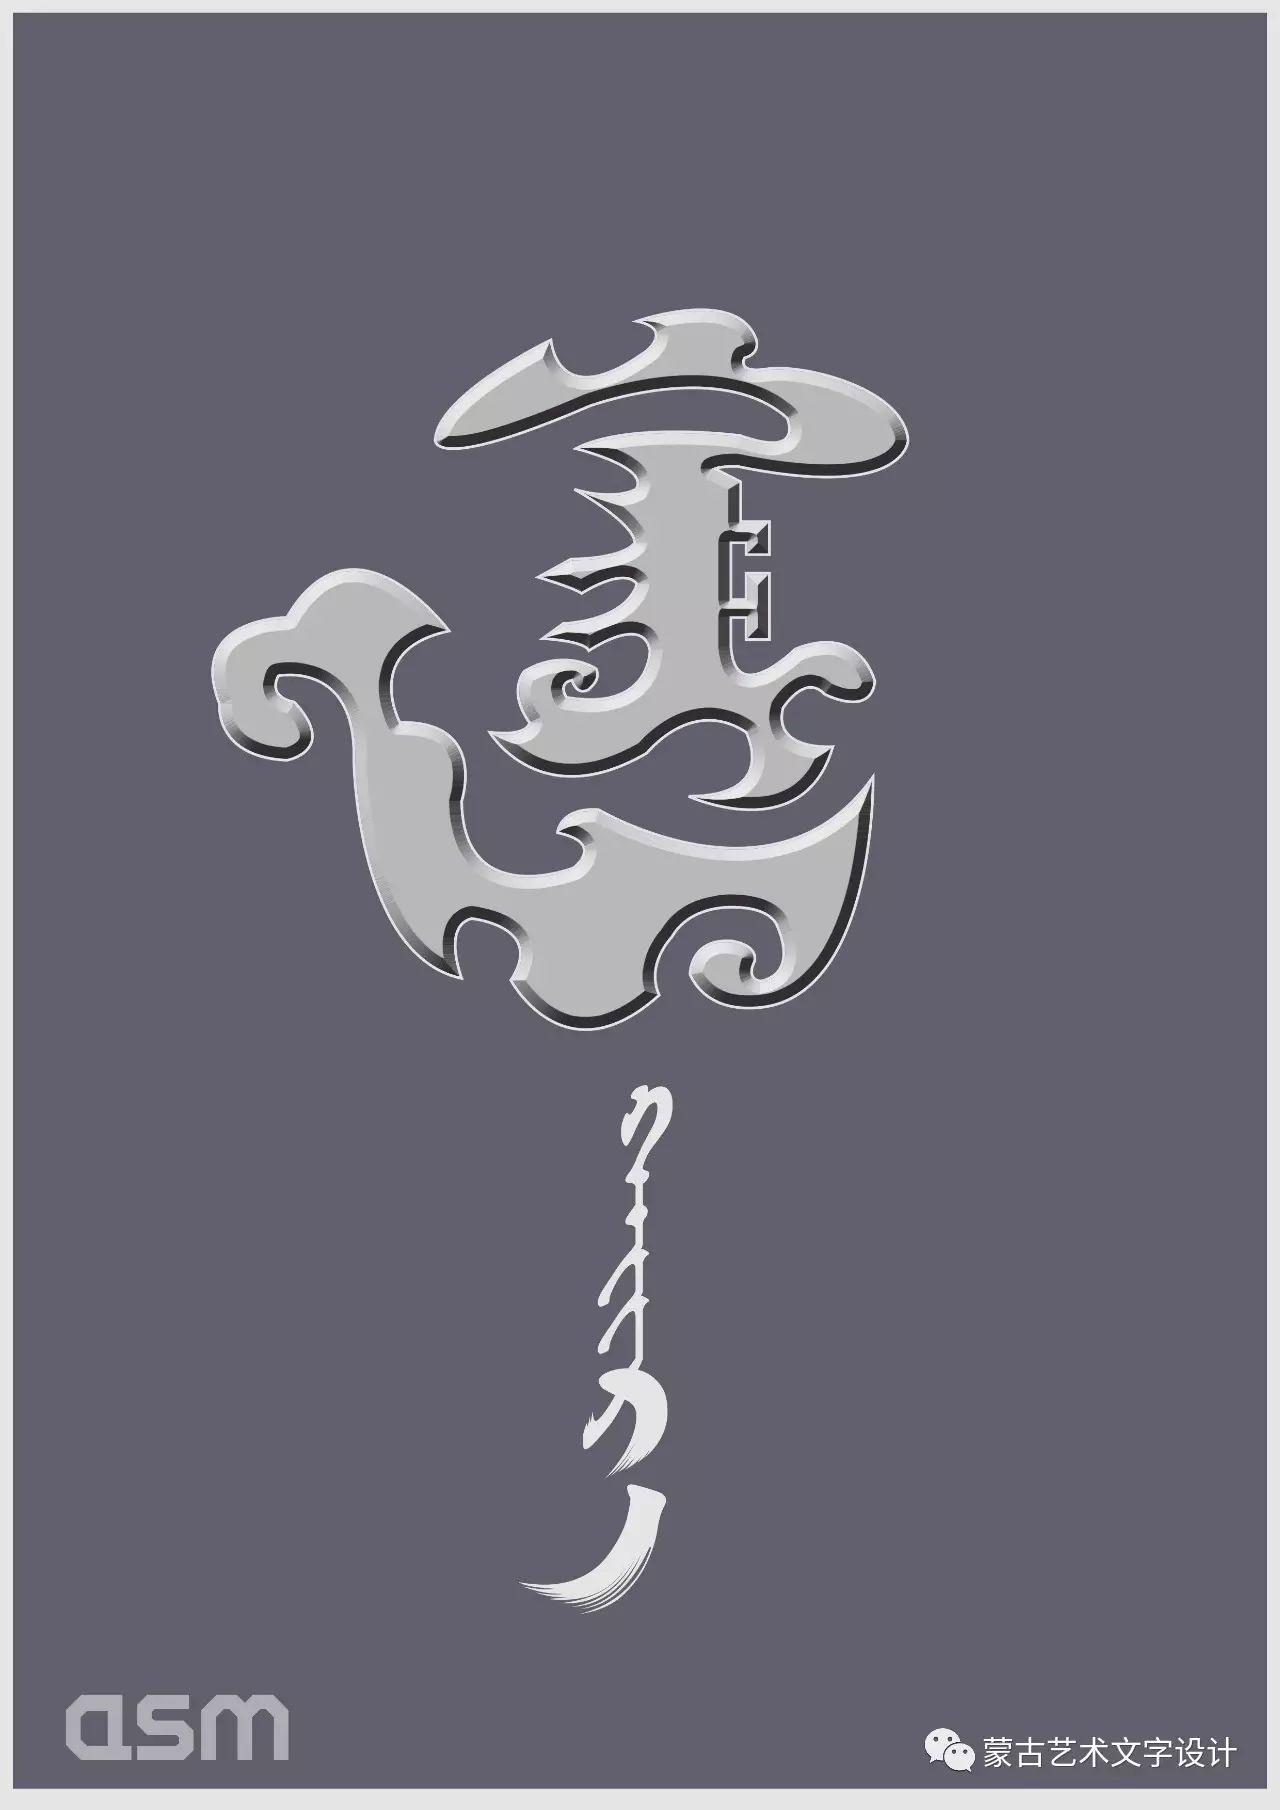 蒙古艺术文字设计 第45张